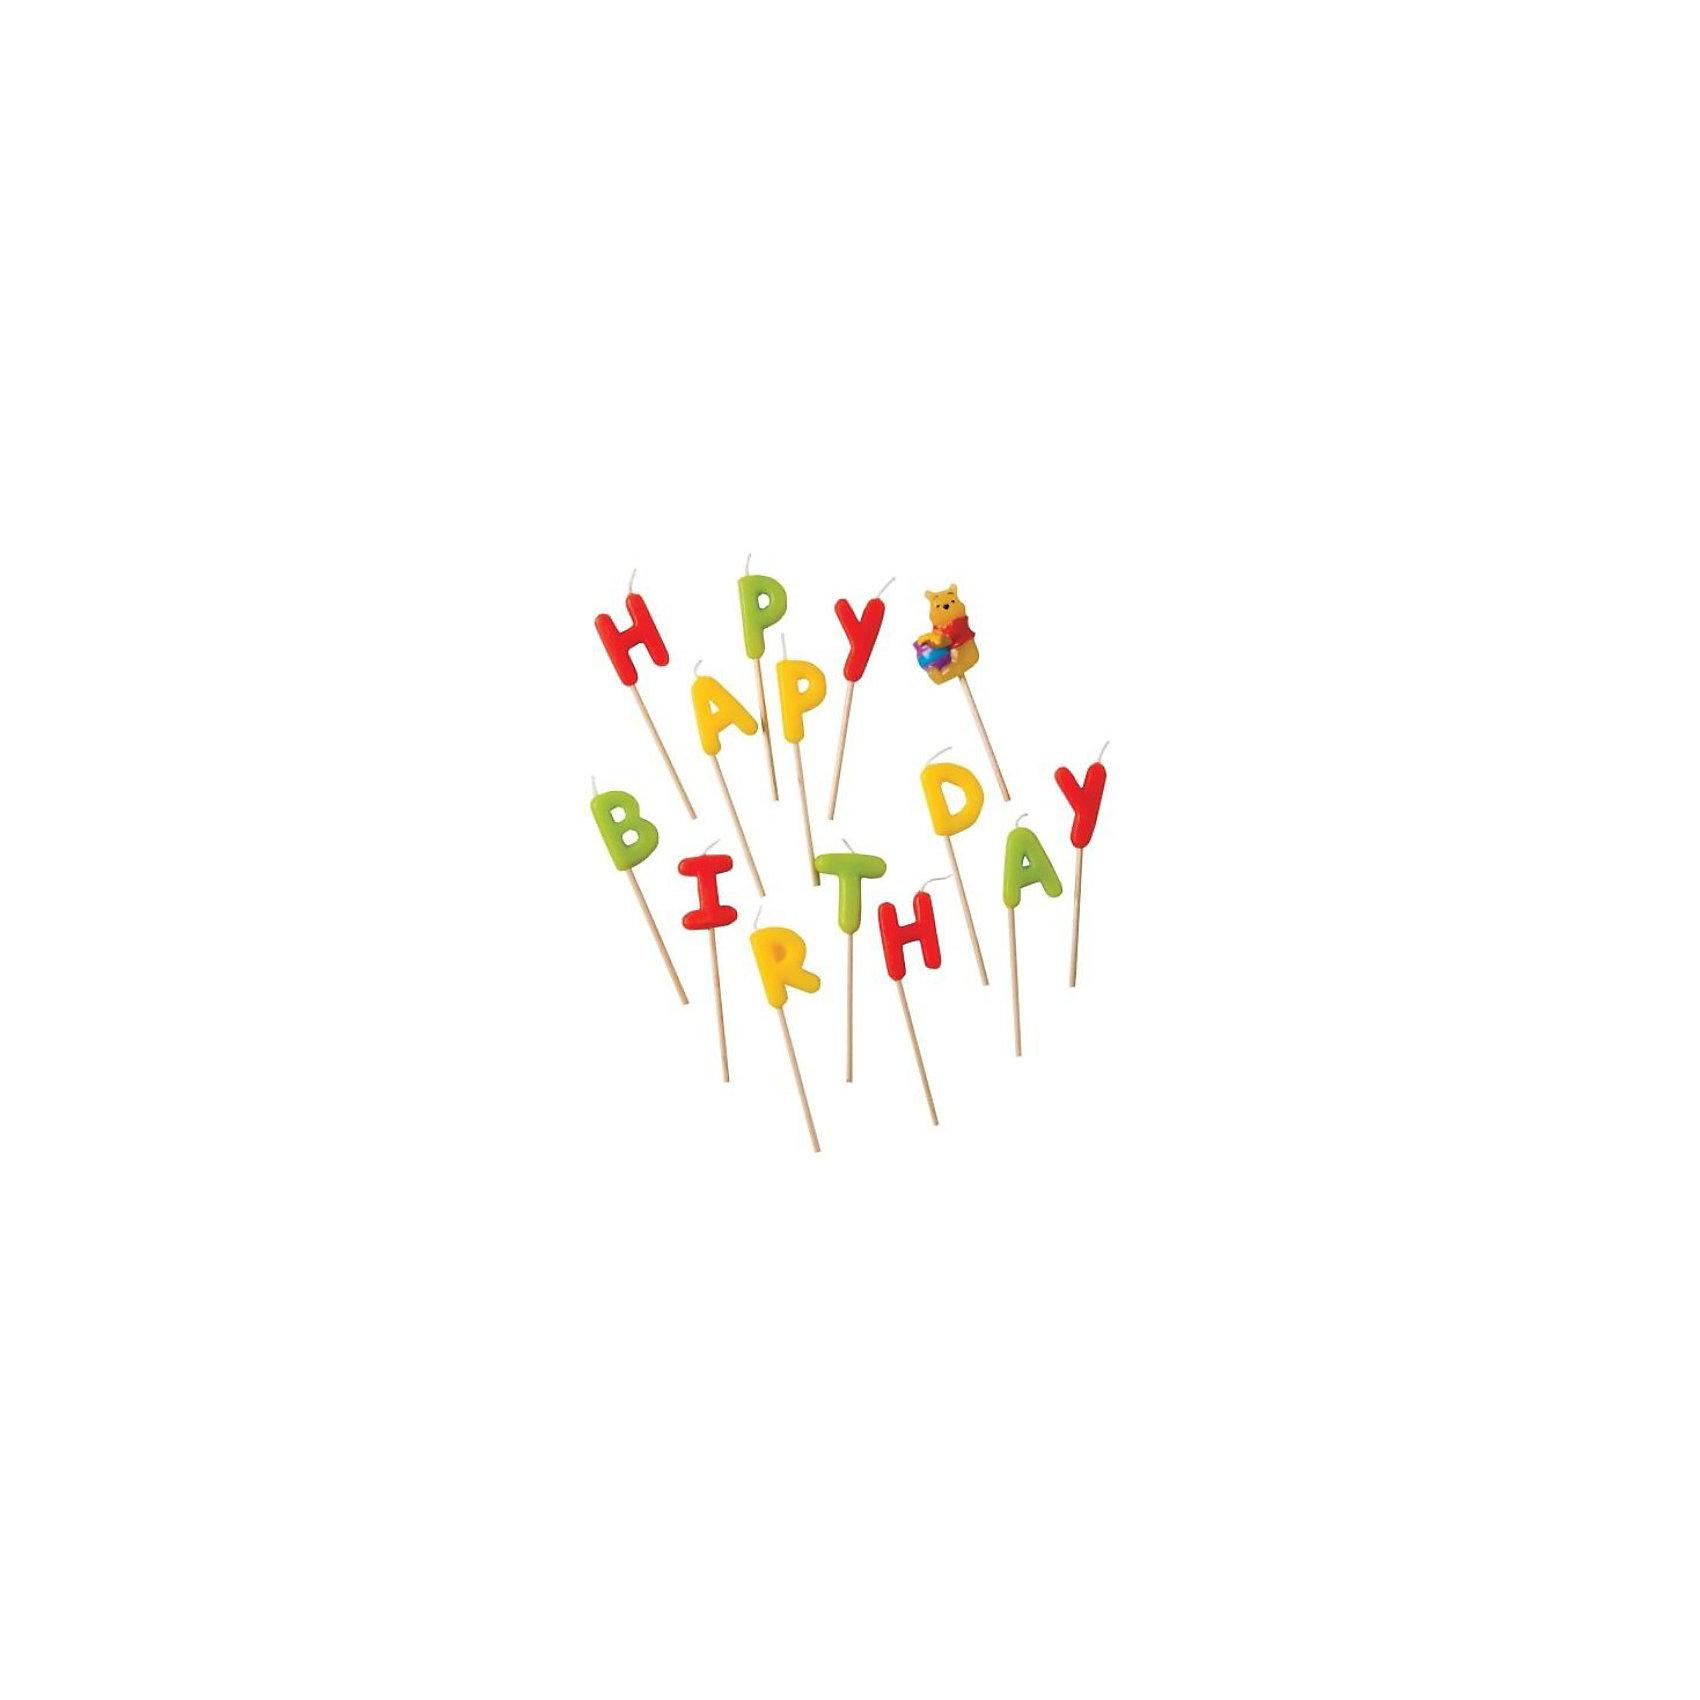 Procos Свечи-буквы Винни Happy BirthdayТакая мелочь, как свечка , позволит сделать праздник веселелым.<br><br>Ширина мм: 130<br>Глубина мм: 20<br>Высота мм: 180<br>Вес г: 125<br>Возраст от месяцев: 36<br>Возраст до месяцев: 168<br>Пол: Унисекс<br>Возраст: Детский<br>SKU: 2431277